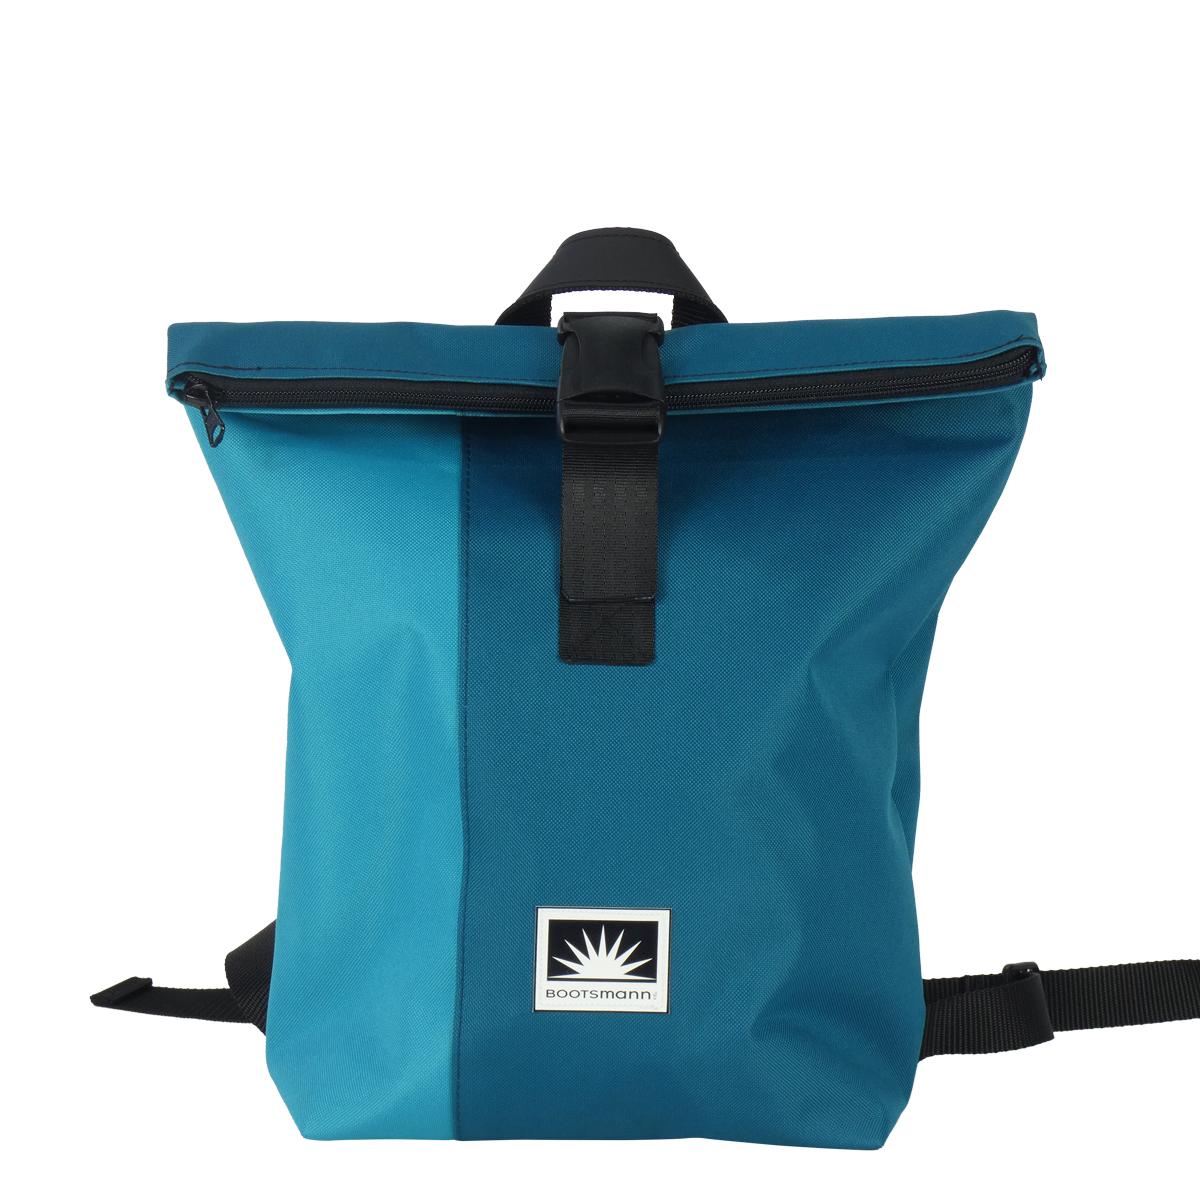 Neue Rucksackgröße M jetzt online !